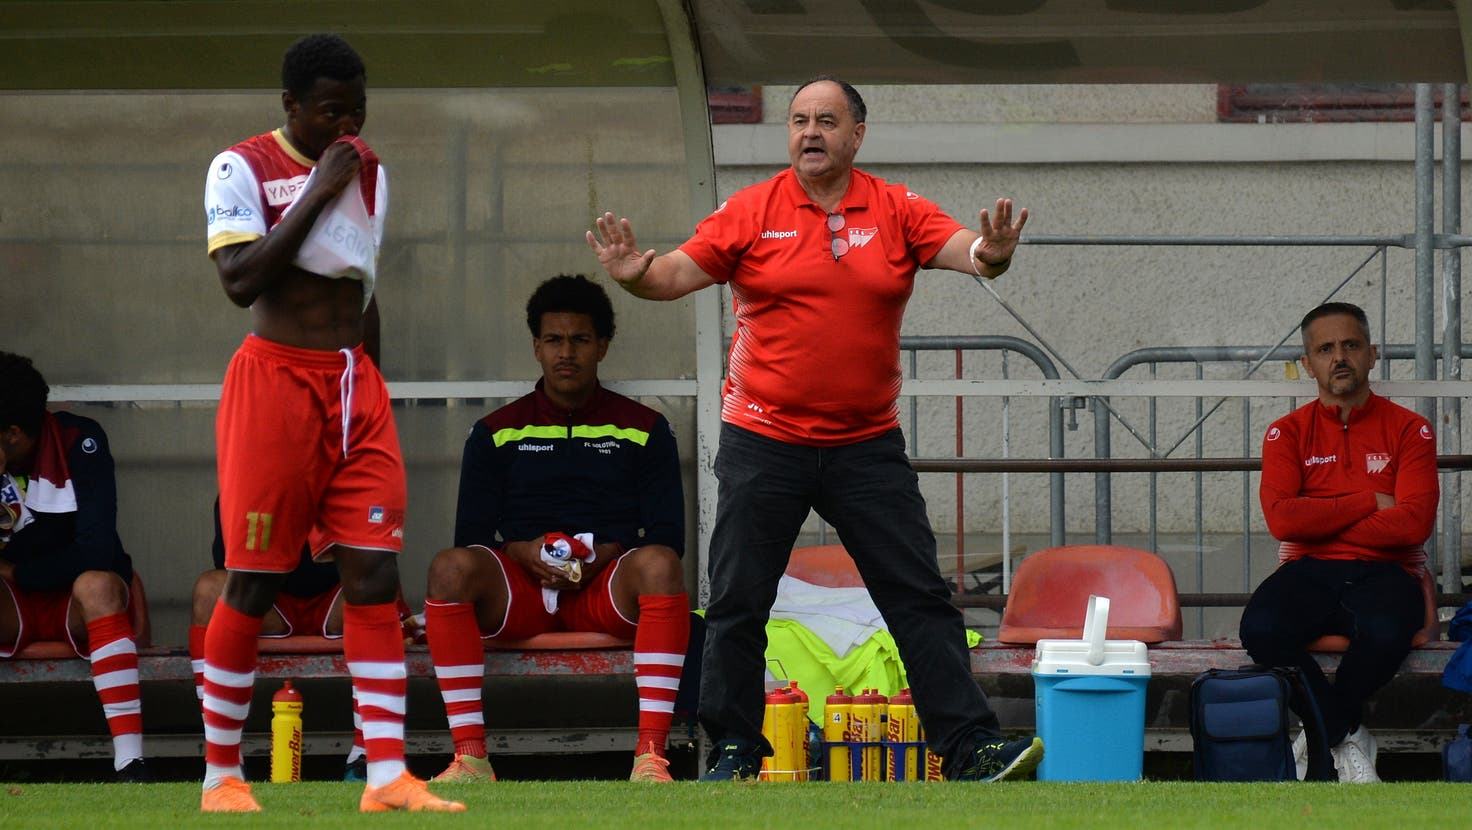 Sah einen miesen Auftritt seiner Mannschaft: FCS-Trainer Jürg Widmer. (Hans Peter Schläfli / Solothurner Zeitung)